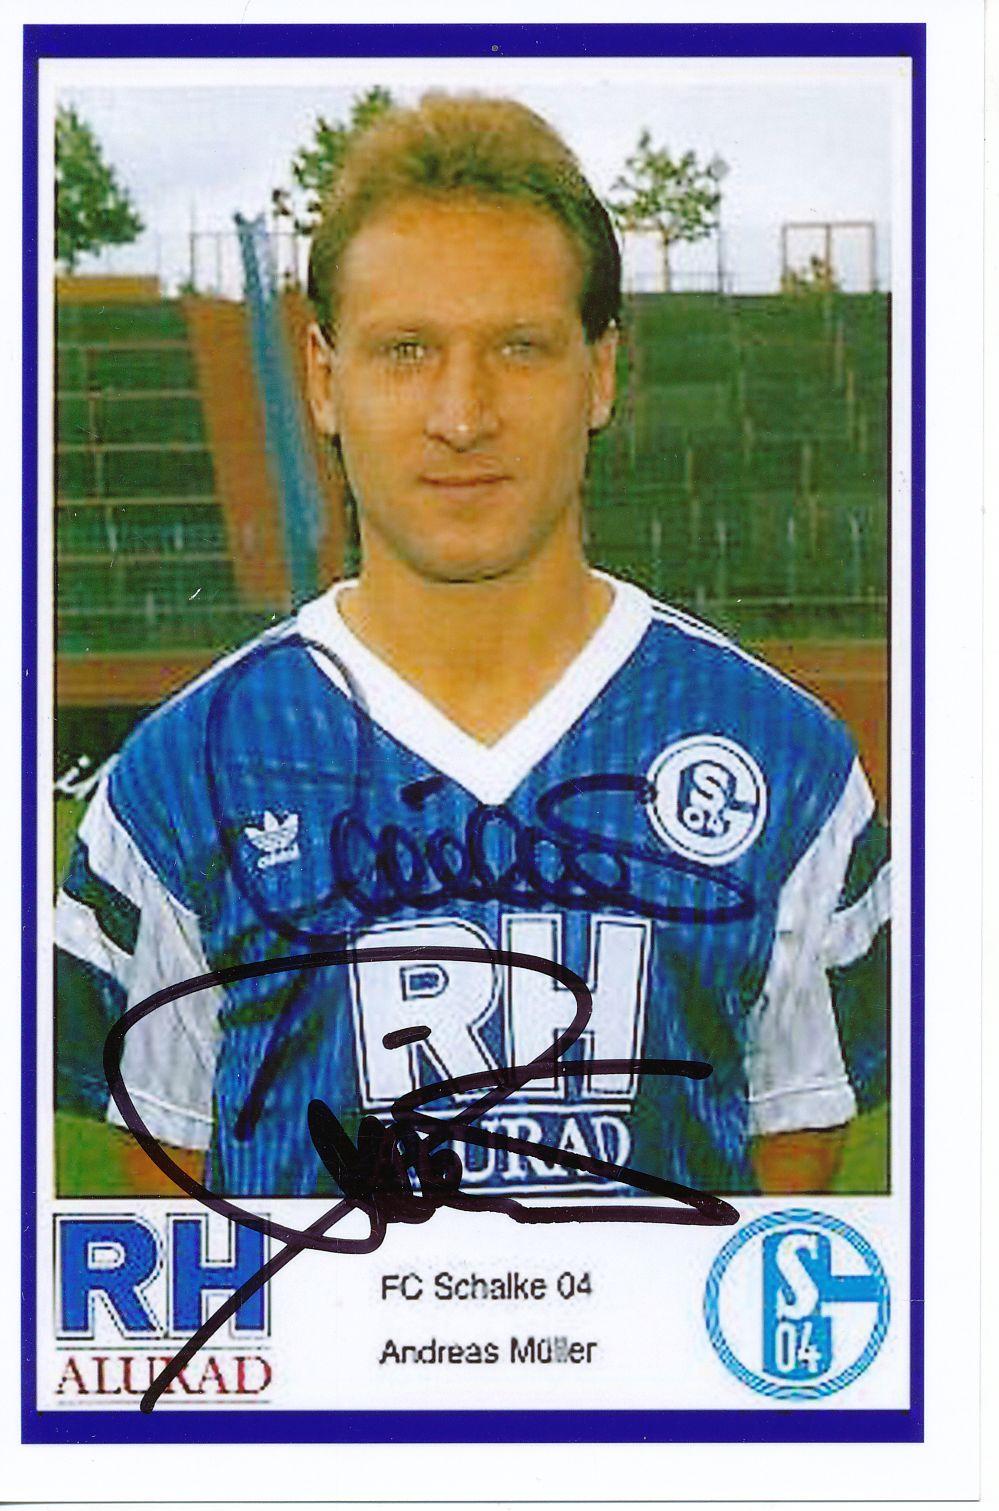 Andreas Müller Autogrammkarte FC Schalke 04 1998-99 Original Signiert+A 118814